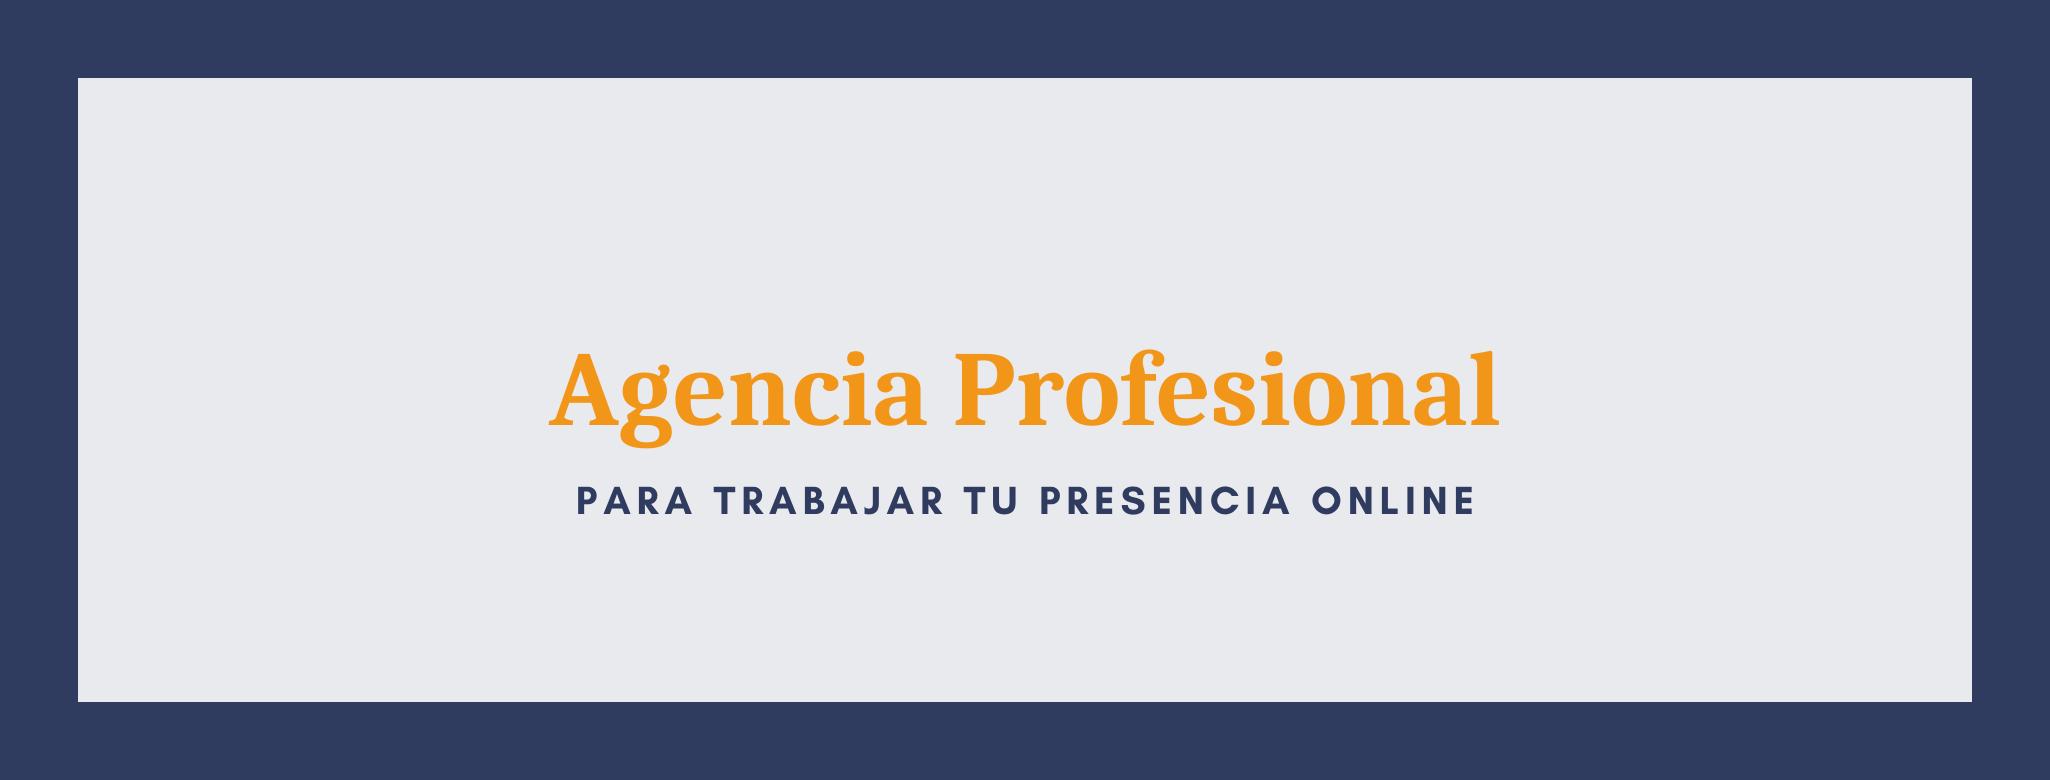 Contar con una agencia profesional para trabajar la presencial online.